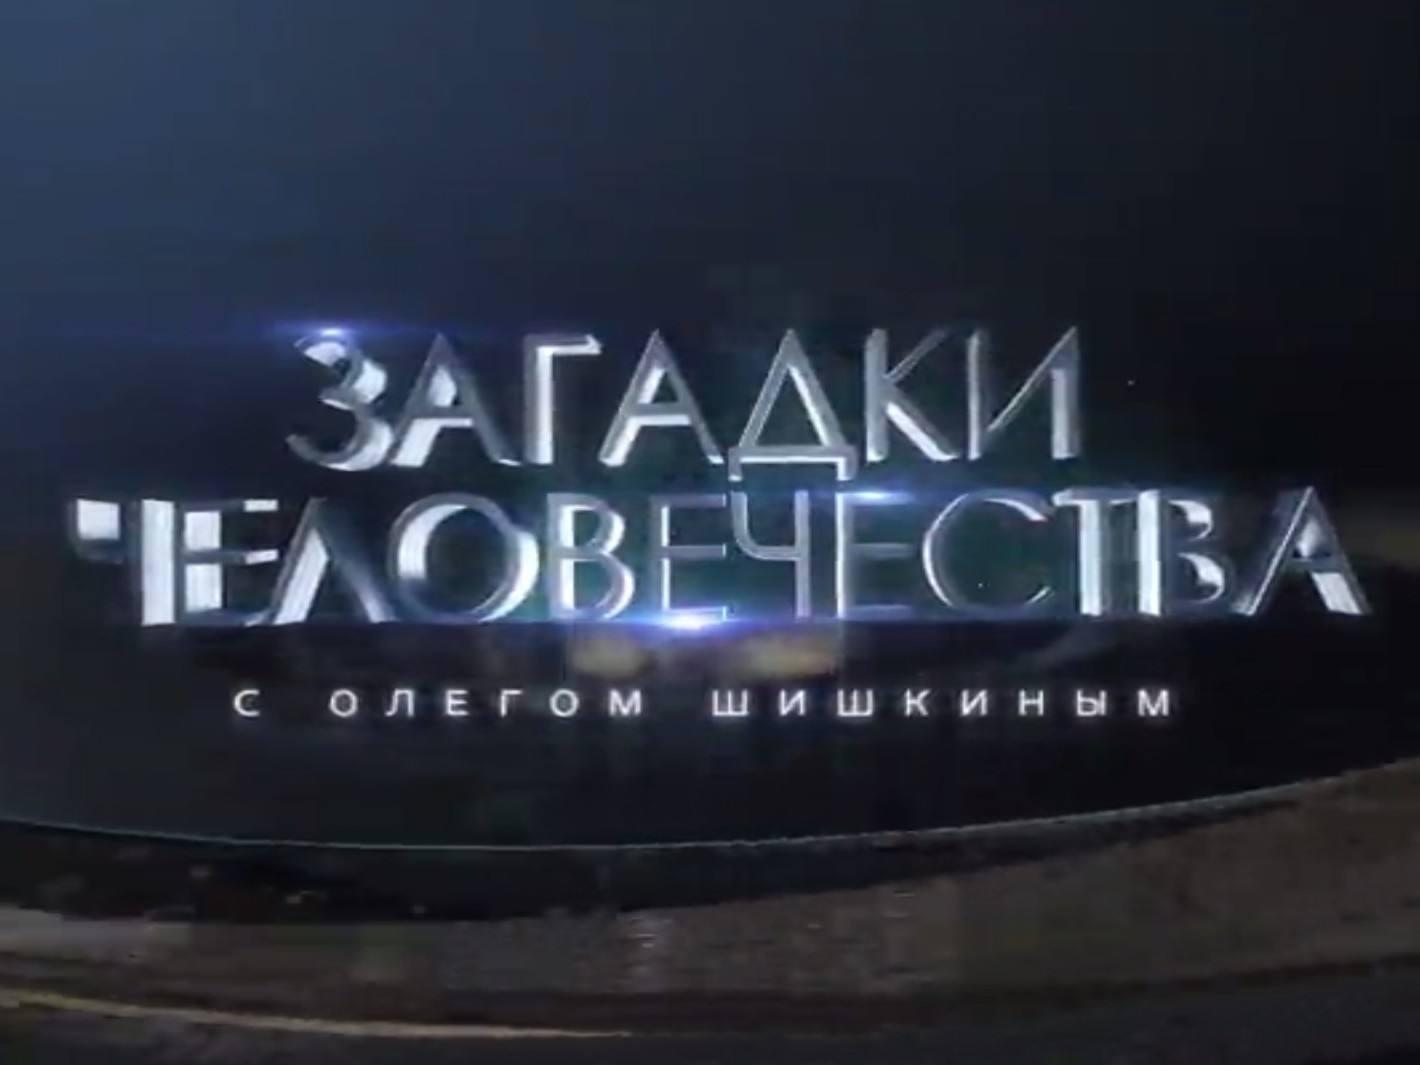 Загадки человечества с Олегом Шишкиным 435 серия в 23:29 на РЕН ТВ